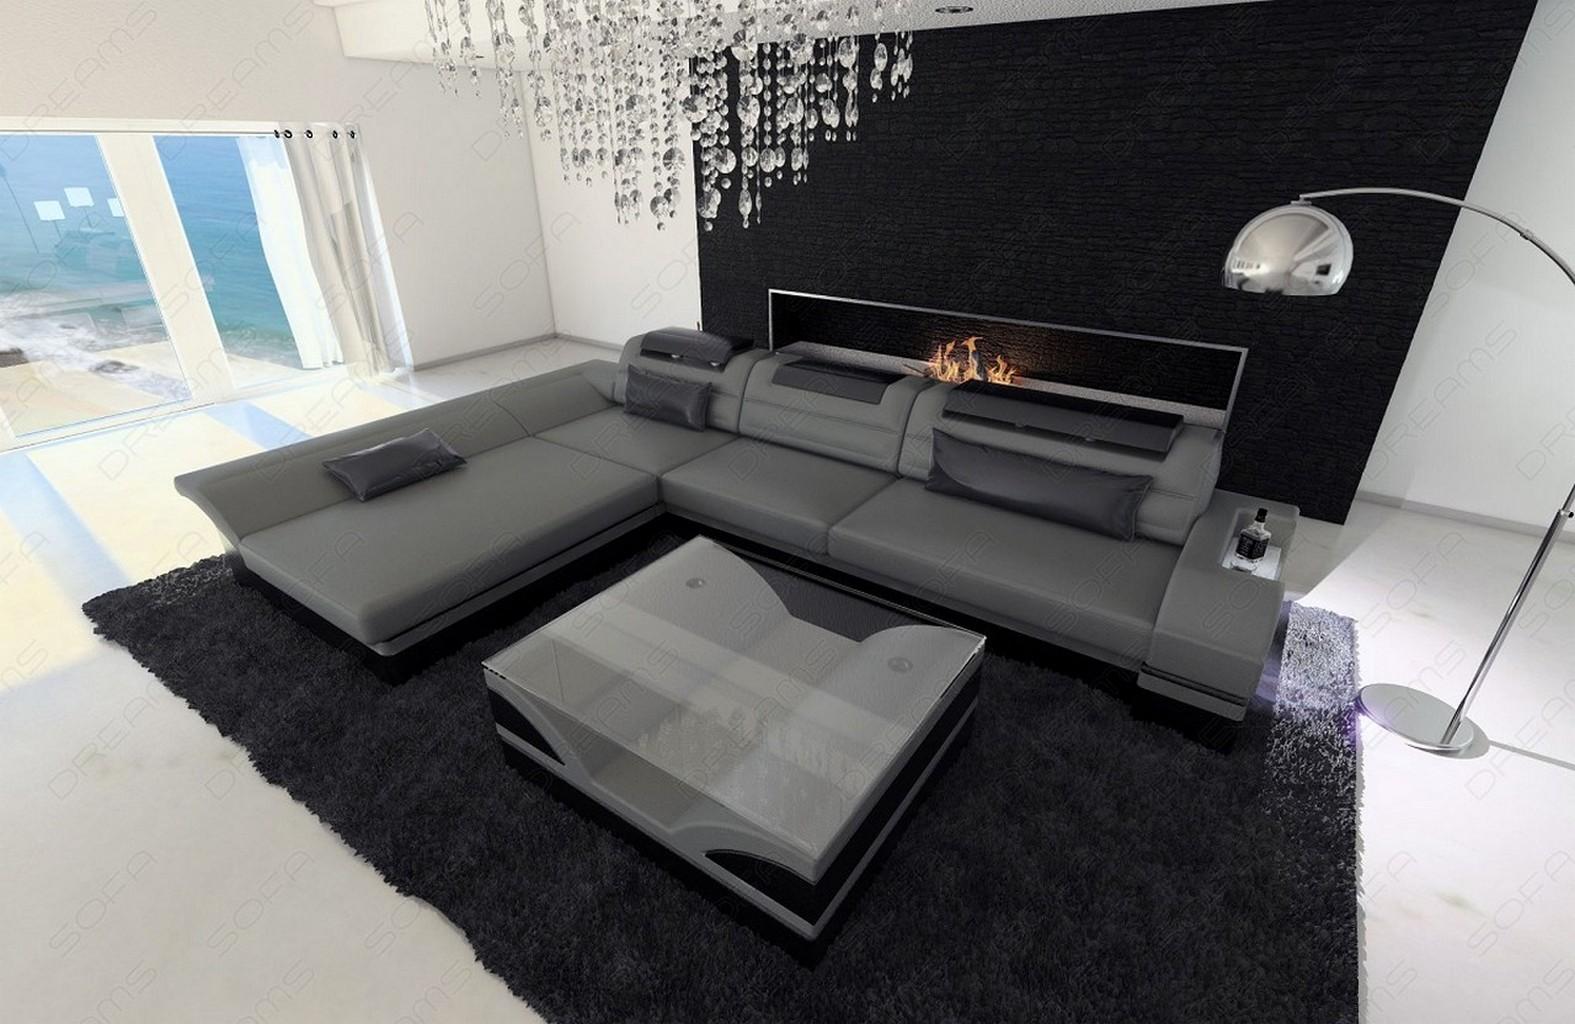 modern corner sofa monza led l shaped grey black. Black Bedroom Furniture Sets. Home Design Ideas